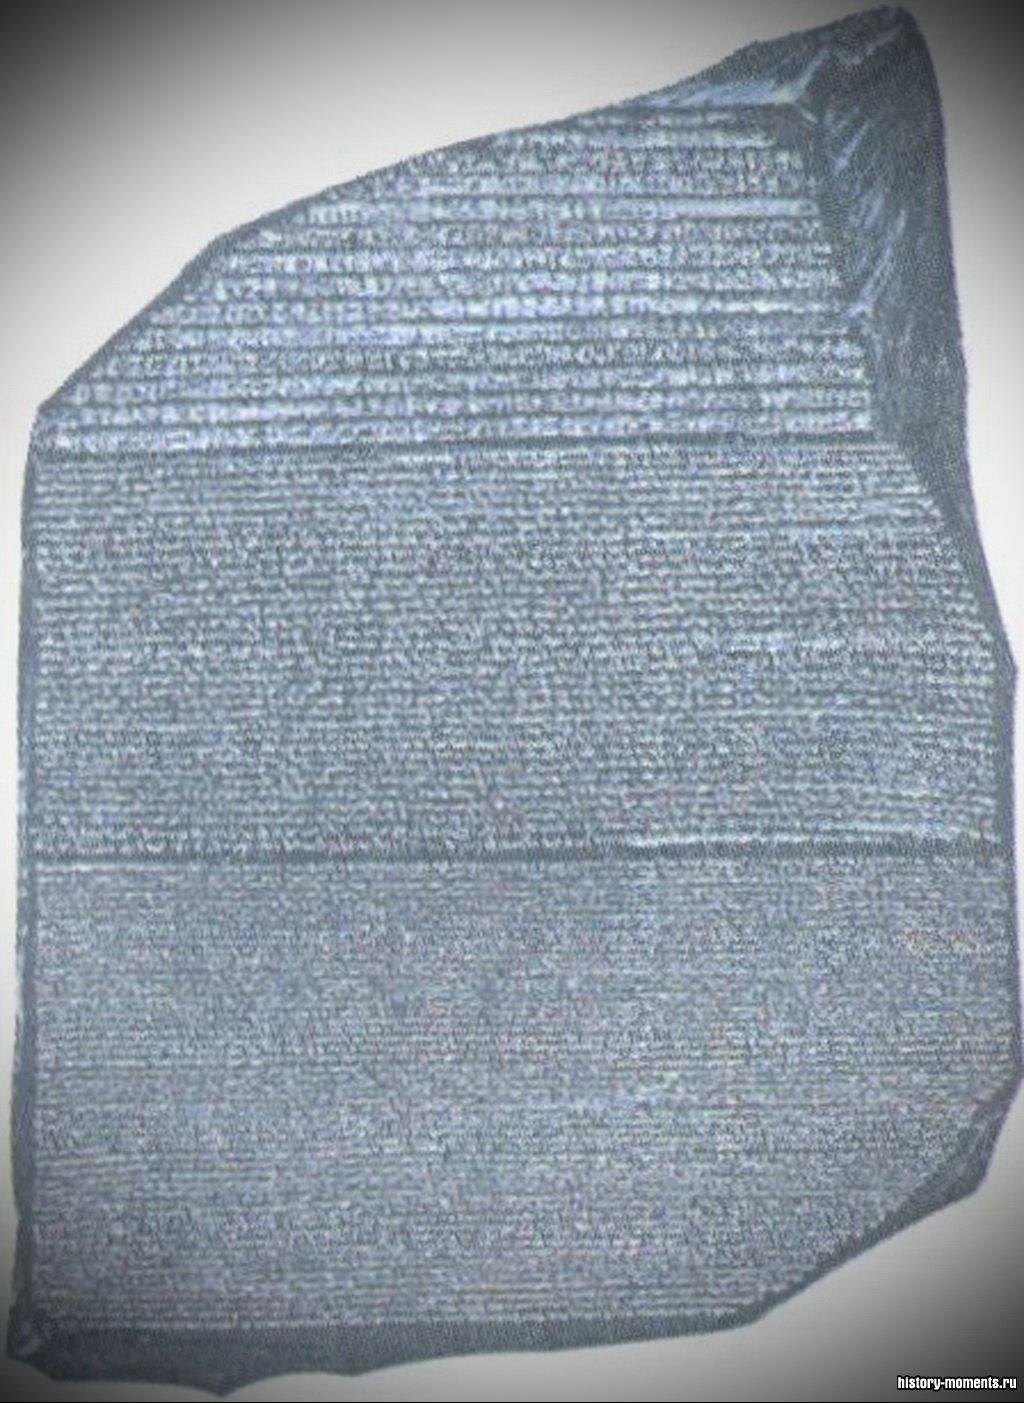 Розеттский камень помог историкам прочитать египетские иероглифы. Текст на нем был записан иероглифами, греческим и коптским (создан в Египте) алфавитами.